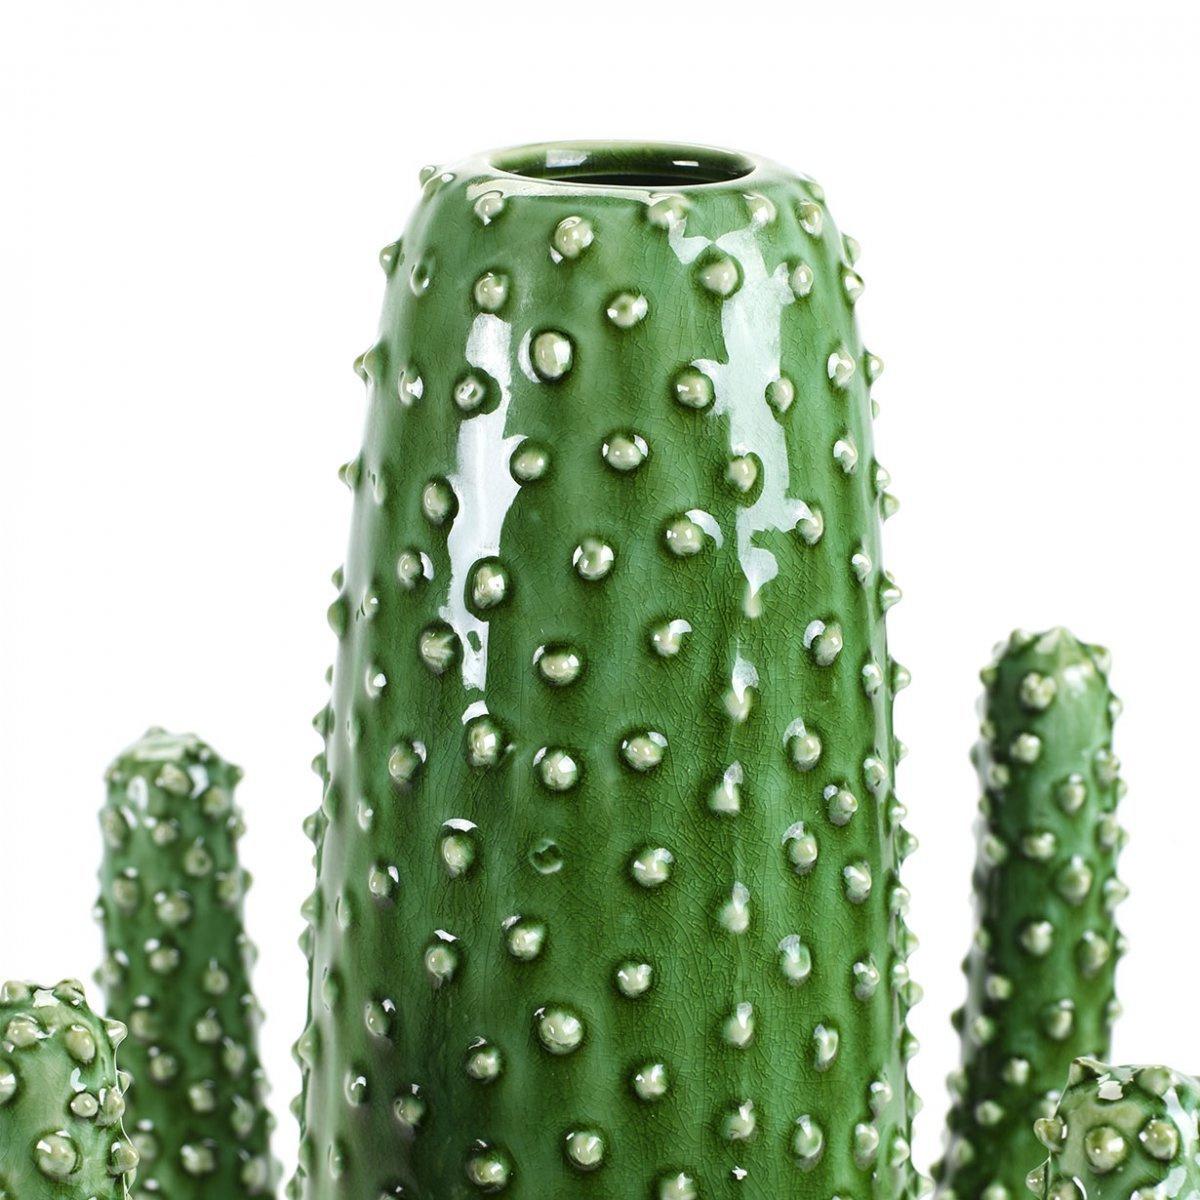 Missoni Home Cactus Garden At Milan Design Week 09: Cactus Medium-sized Vase By Serax